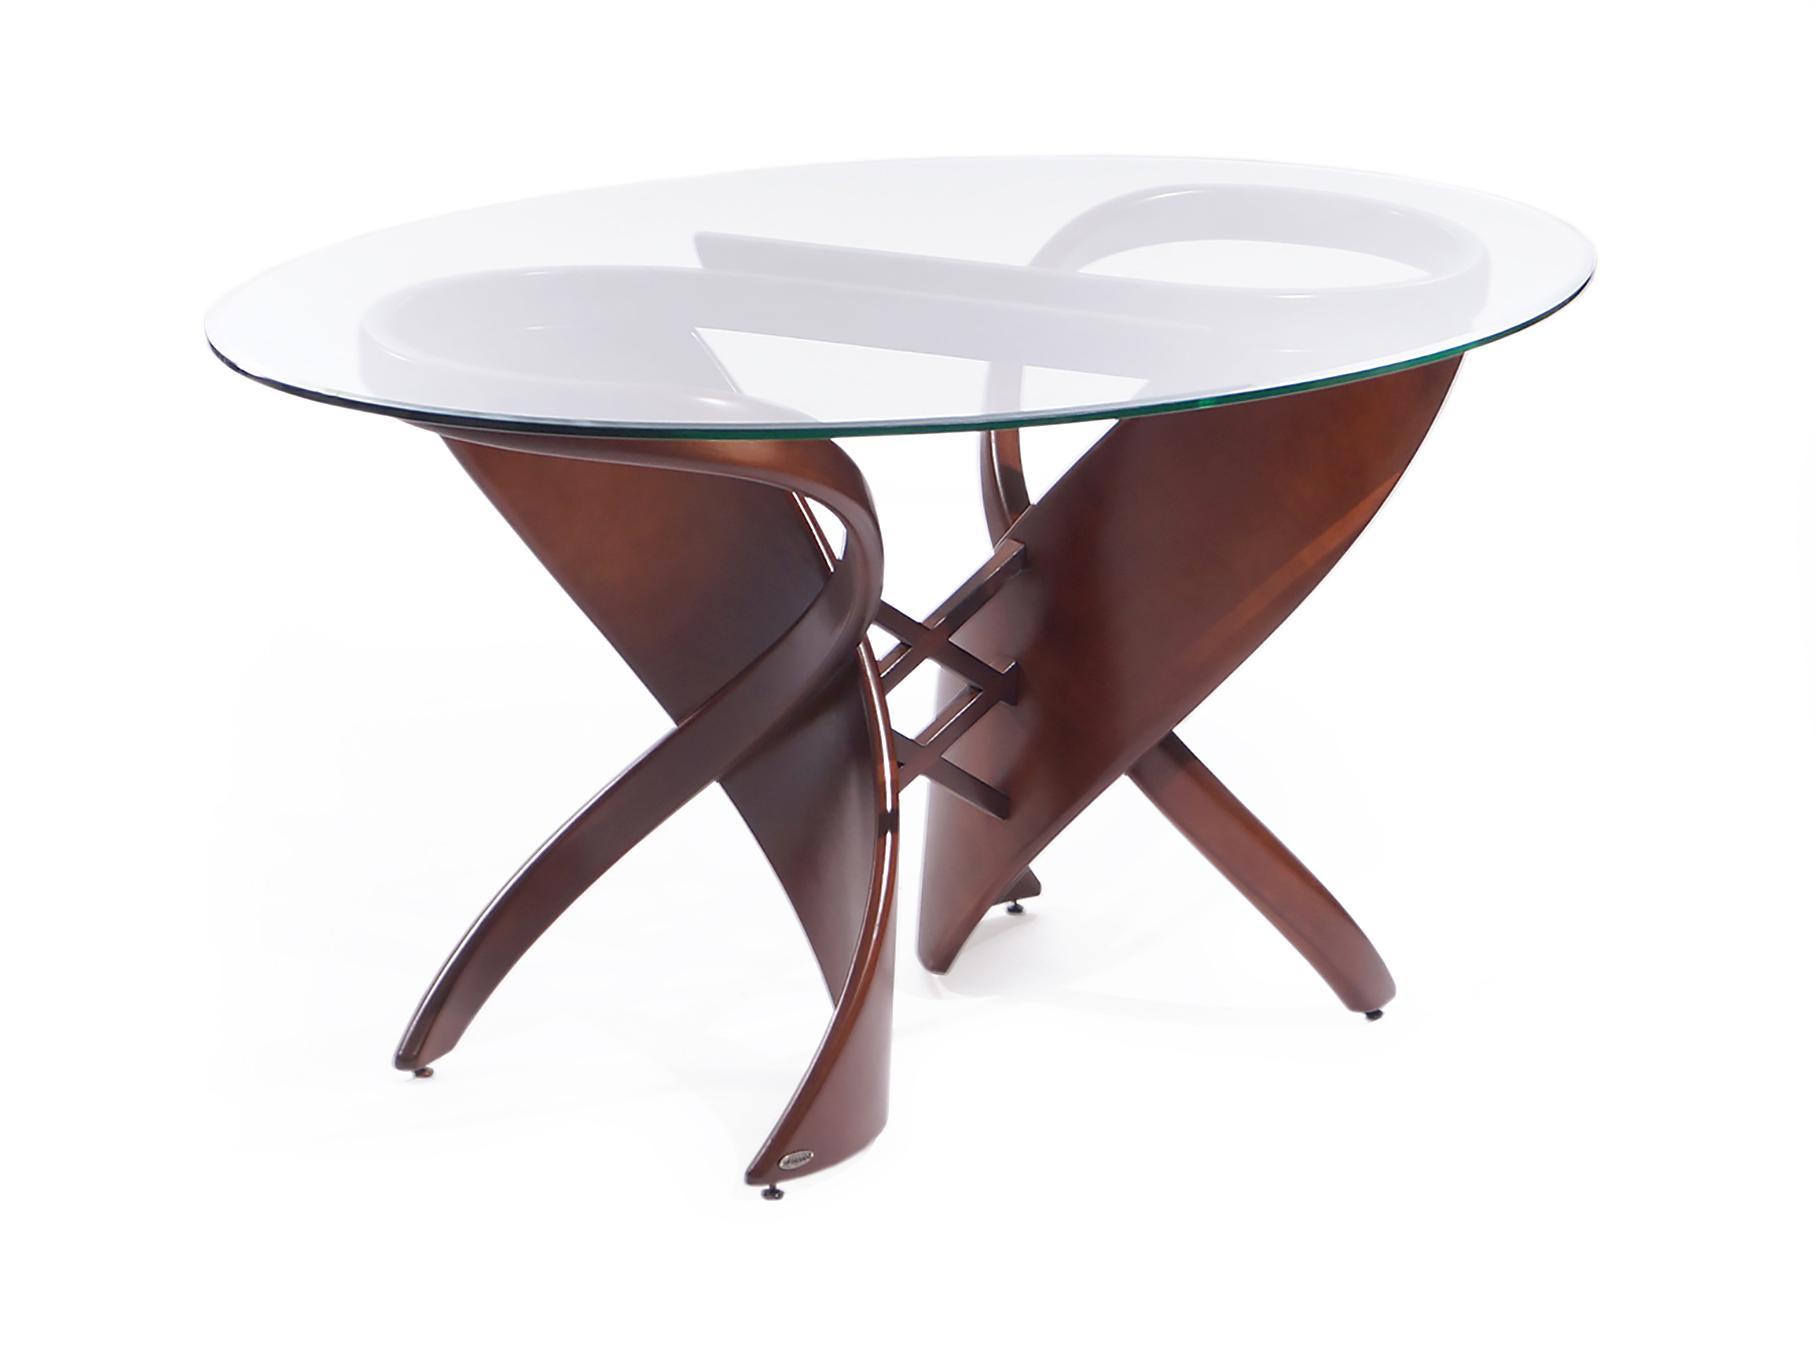 """Стол обеденный """"Virtuos С""""Обеденные столы<br>Правильно подобранный обеденный стол позволит создать в Вашей квартире более гостеприимную атмосферу, а семейные торжества станут ярче и веселей. Благодаря неповторимому стилю, стеклянный обеденный стол """"Virtuos-C"""" займет ключевое место в центре вашей столовой или гостиной, и станет поистине предметом Вашей гордости.<br>И как всегда, уникальная черта мебельной фабрики – возможность подобрать стол в большом и удобном для всего семейства размере.<br><br>Material: Стекло<br>Length см: None<br>Width см: 150<br>Depth см: 95<br>Height см: 76"""